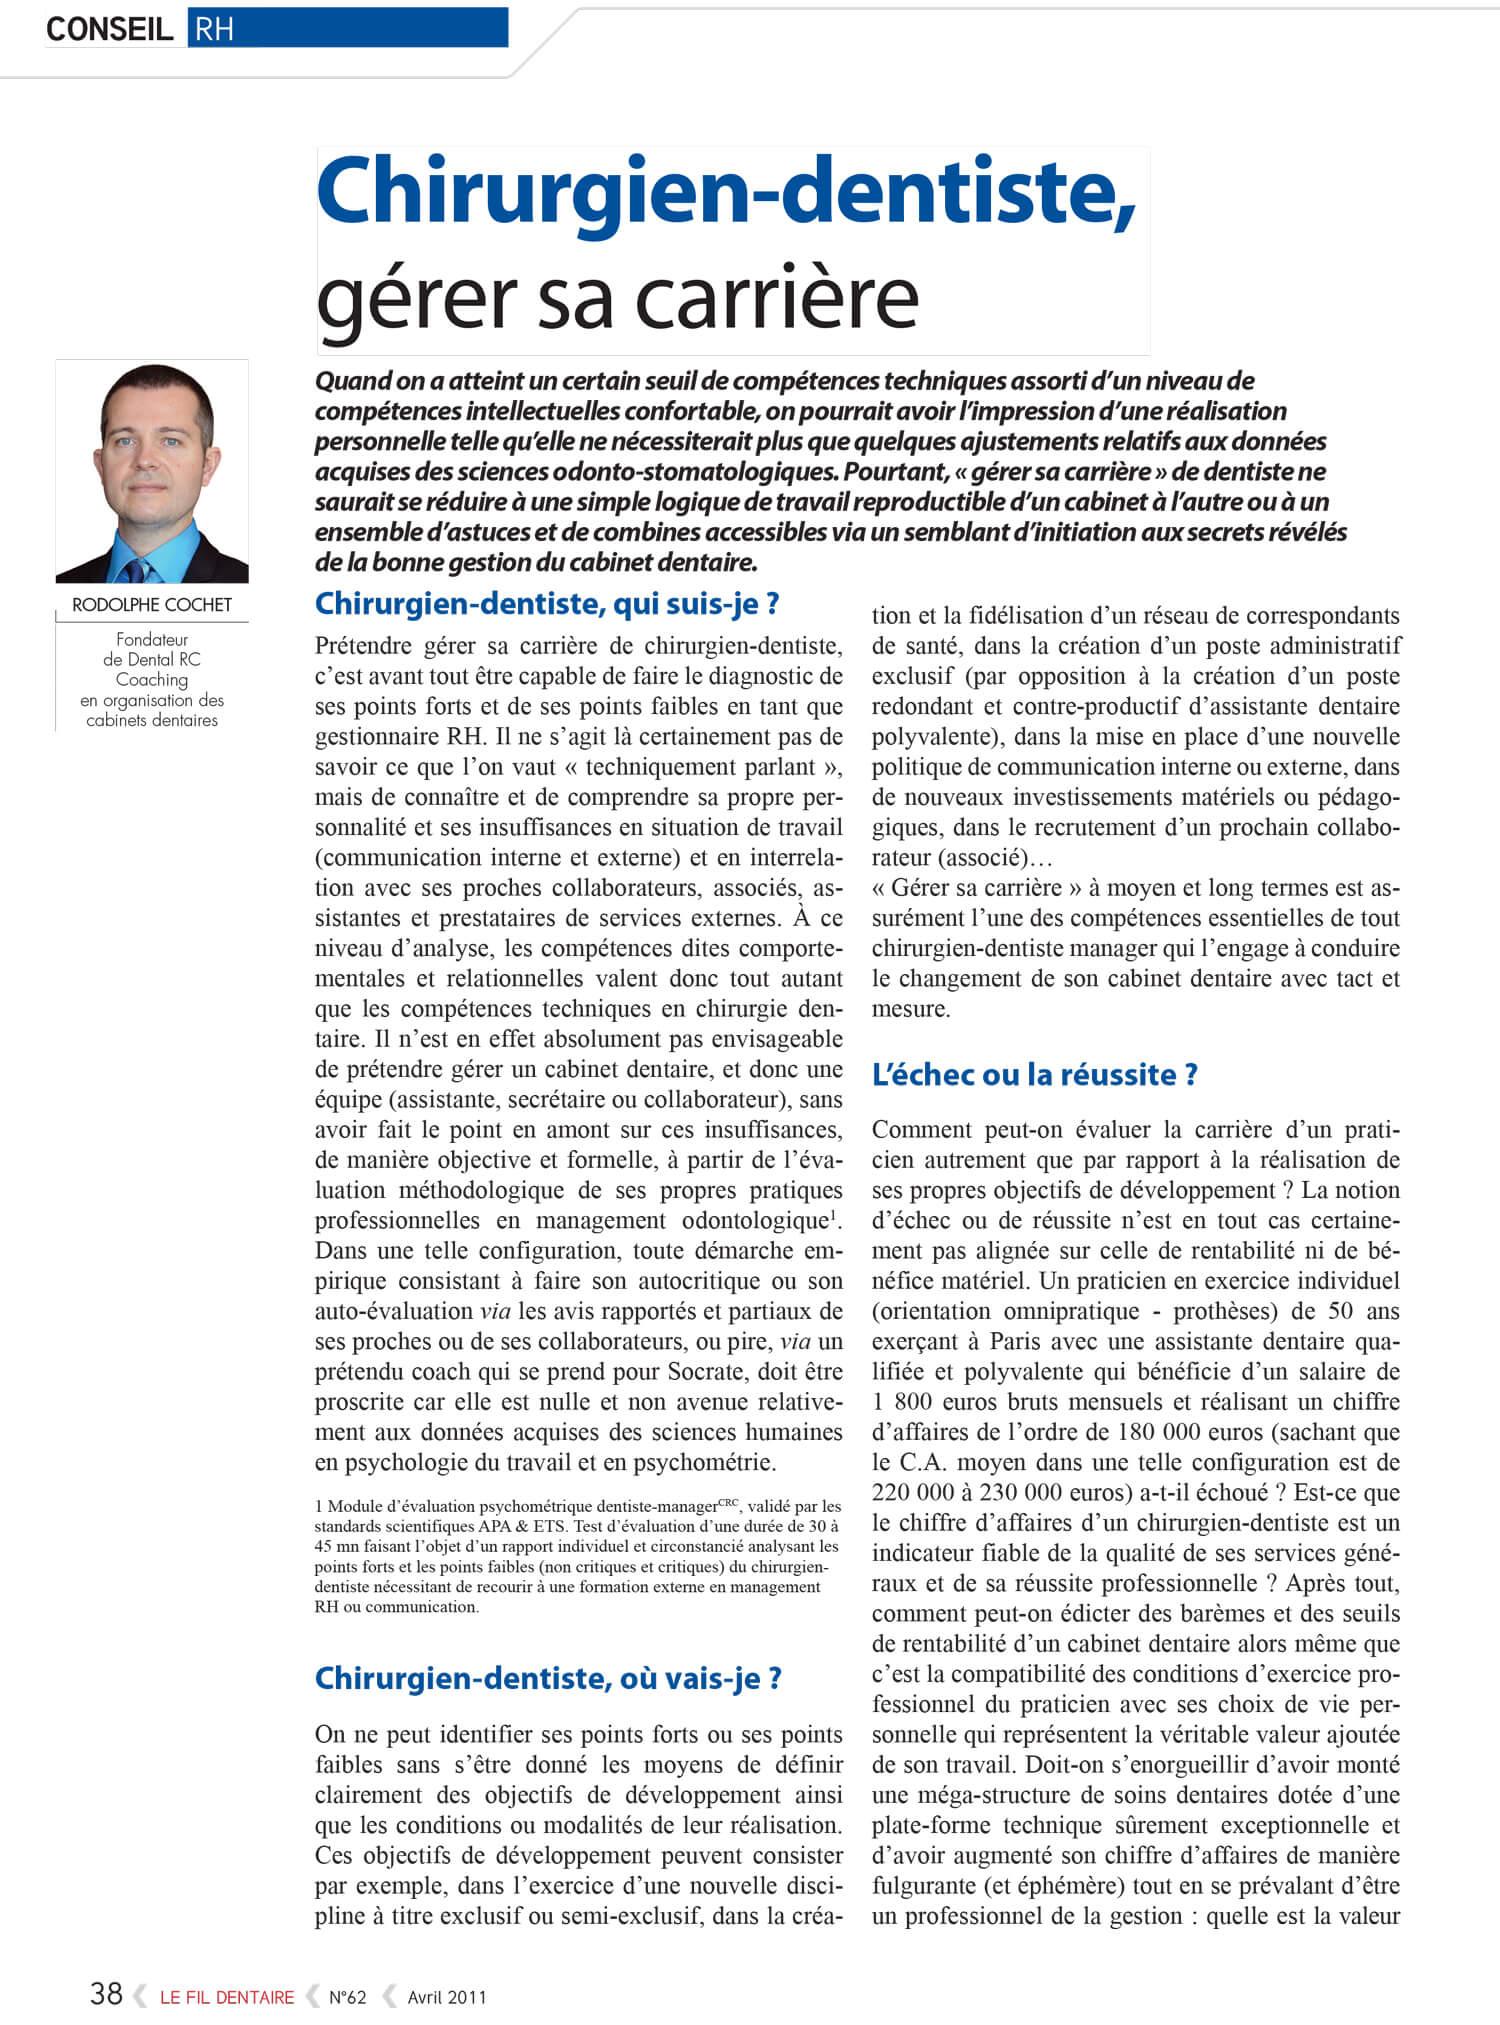 Chirurgien-dentiste-gerer-sa-carriere-management-dentaire-Rodolphe-Cochet.jpg